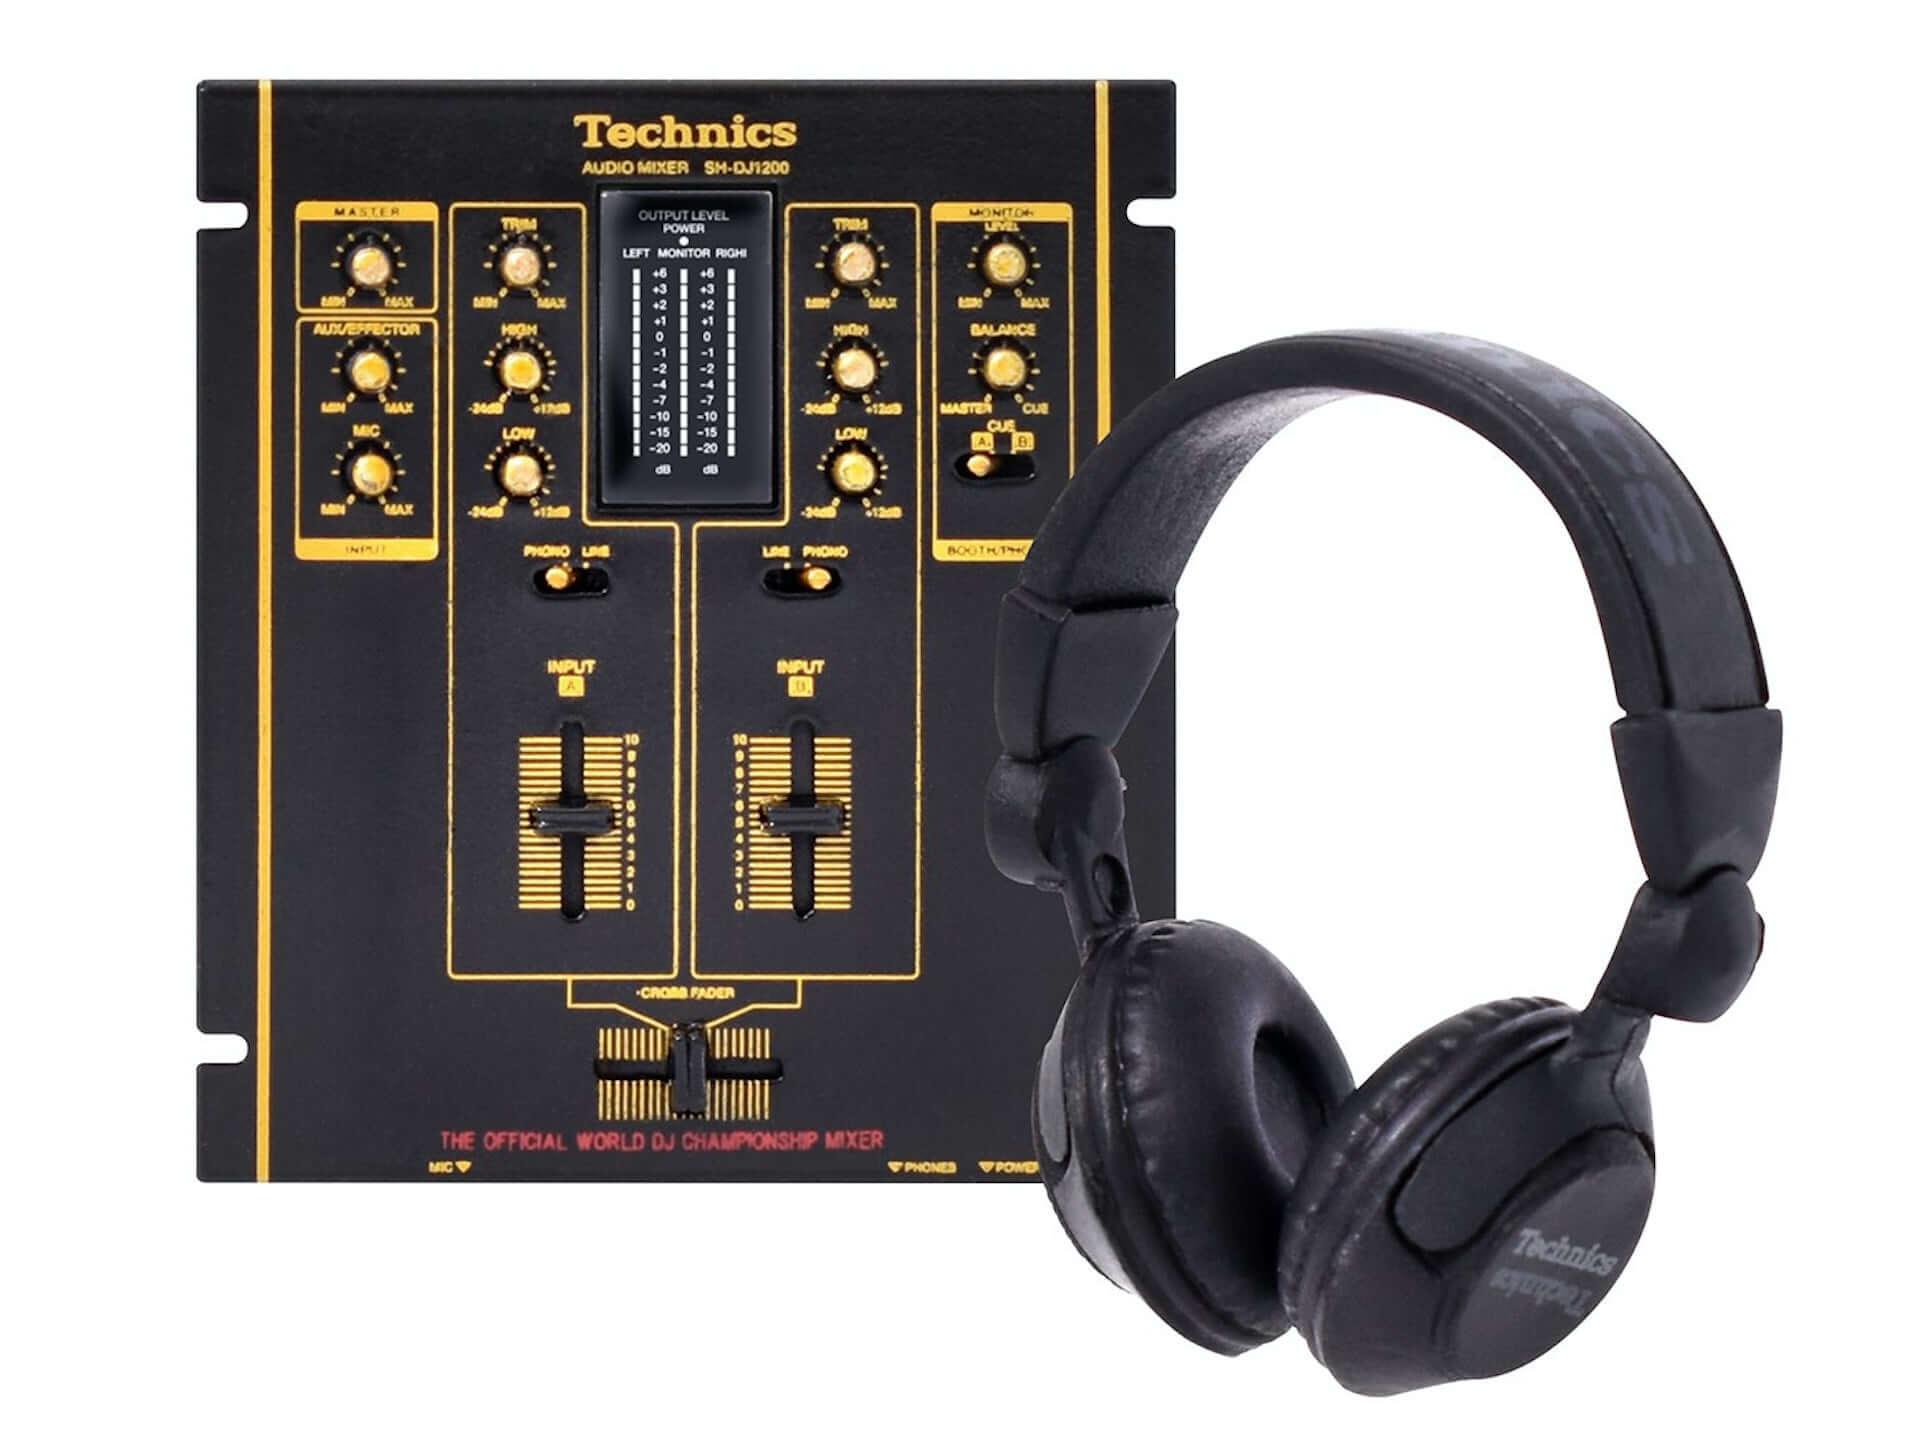 TechnicsのDJ機器『SL-1200MK2』など全5種がミニチュアフィギュア化!ケンエレファントより発売決定 tech201009_technics_5-1920x1440